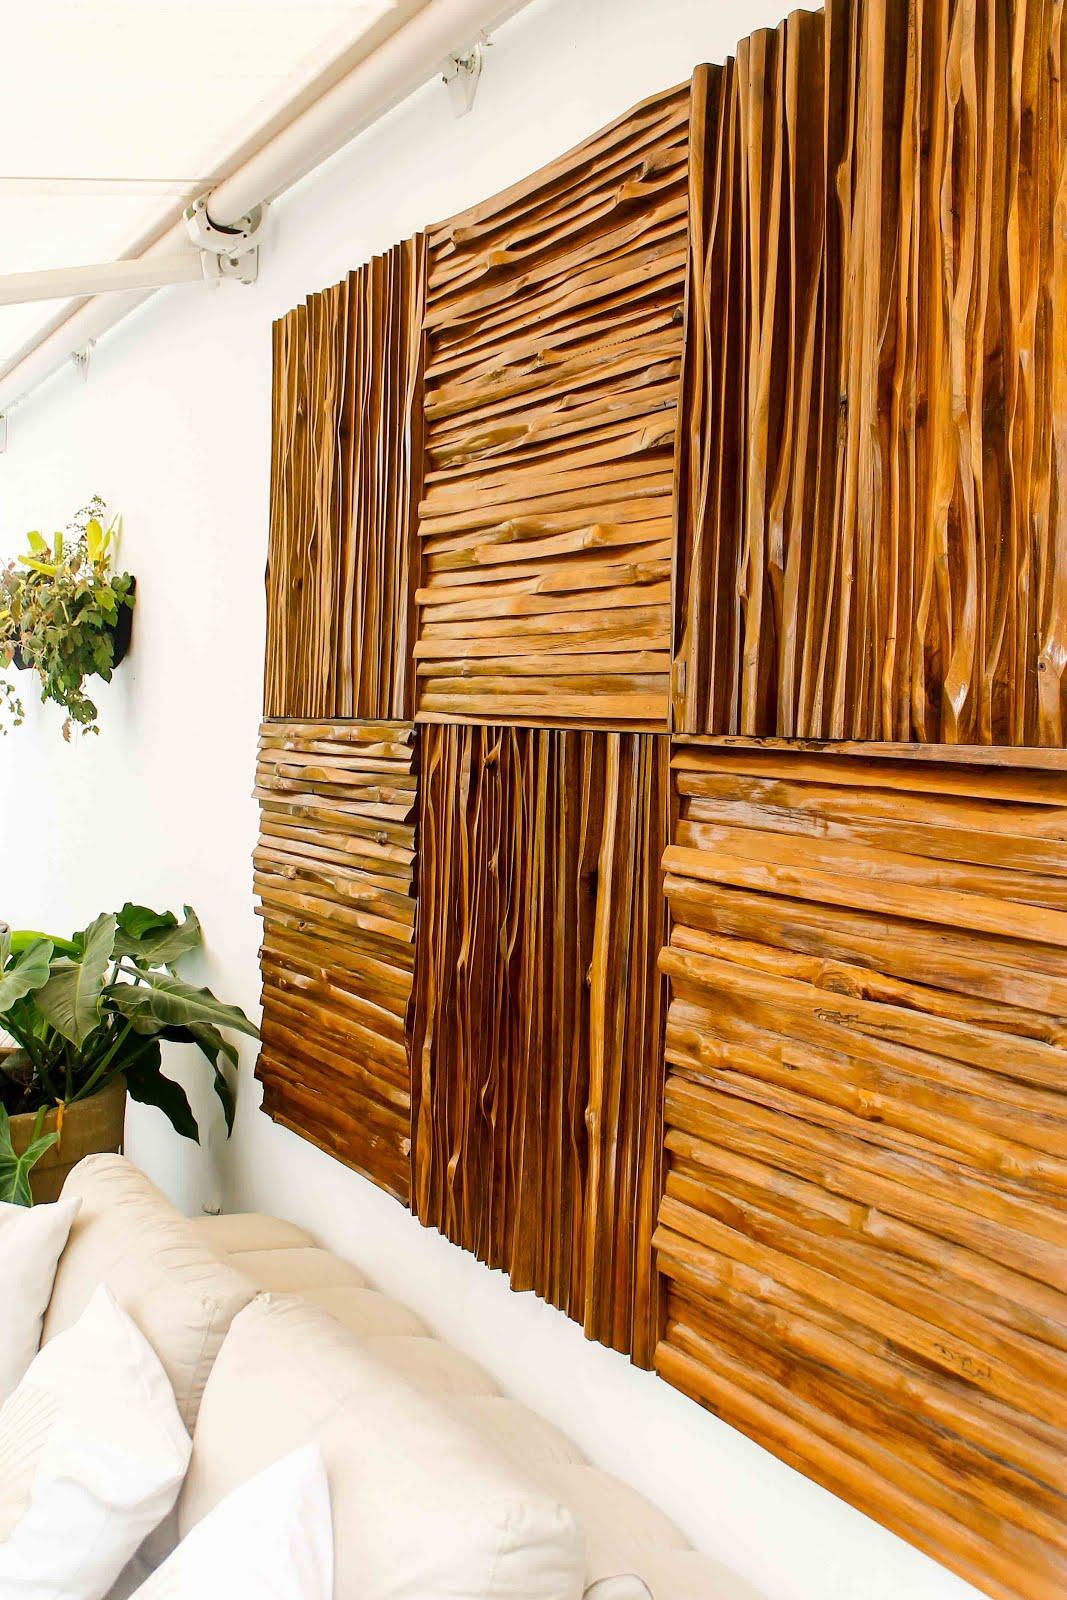 Lainteriorista sierra muebles dise o y calidad for Muebles de diseno baratos madrid